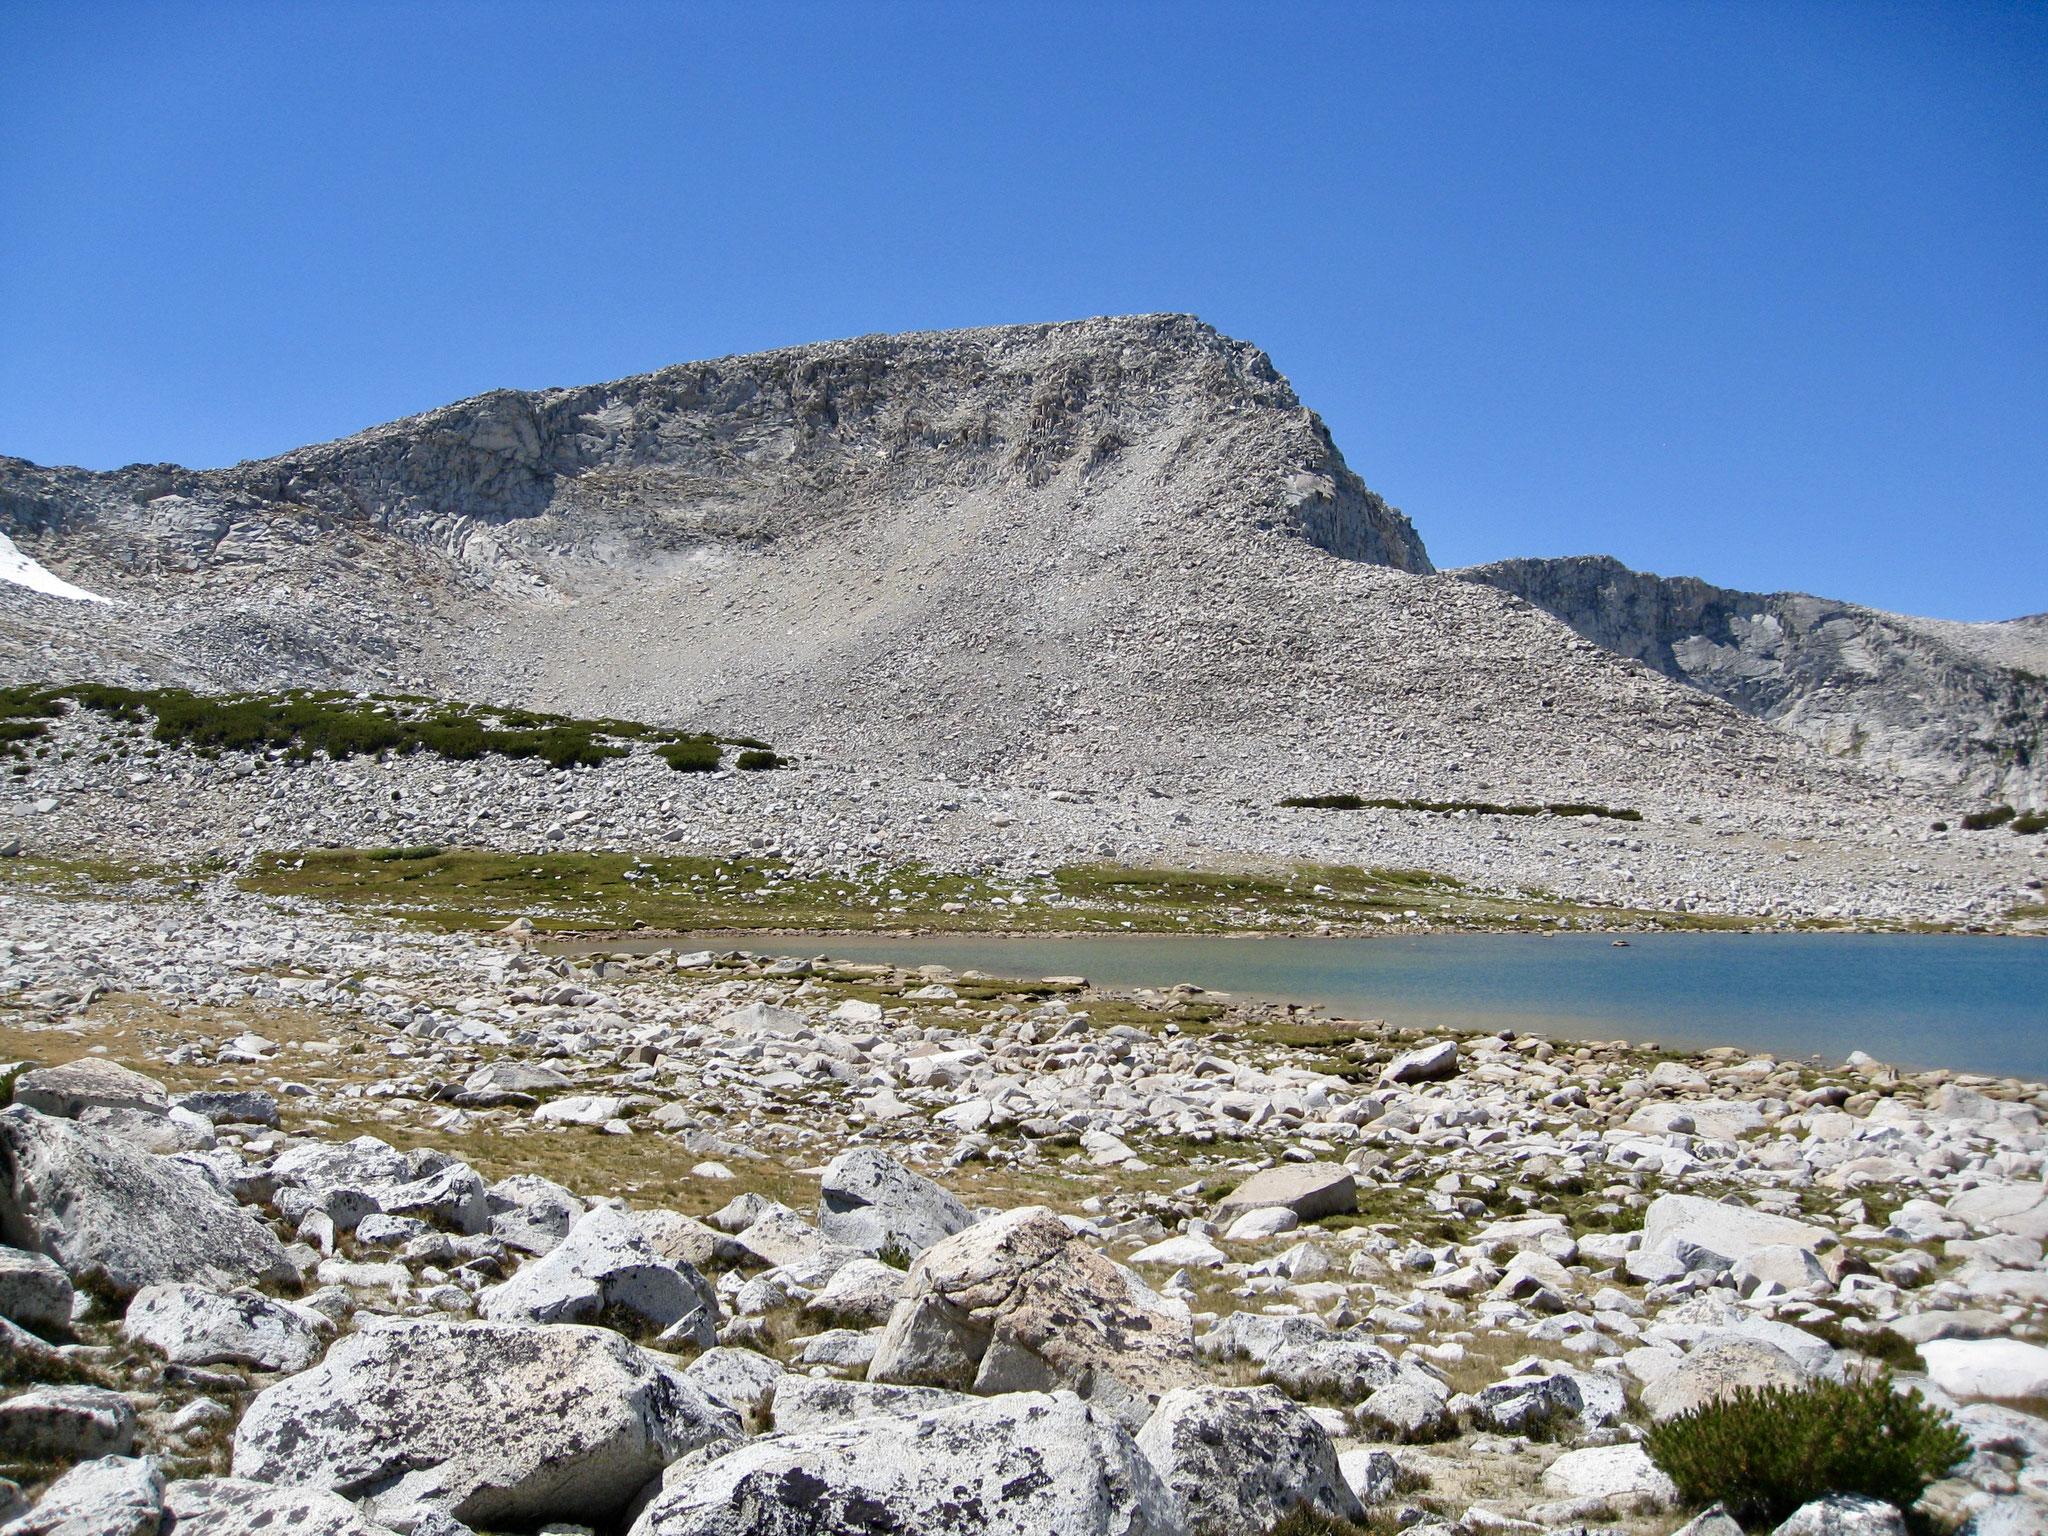 Bingaman Lake Yosemite National Park